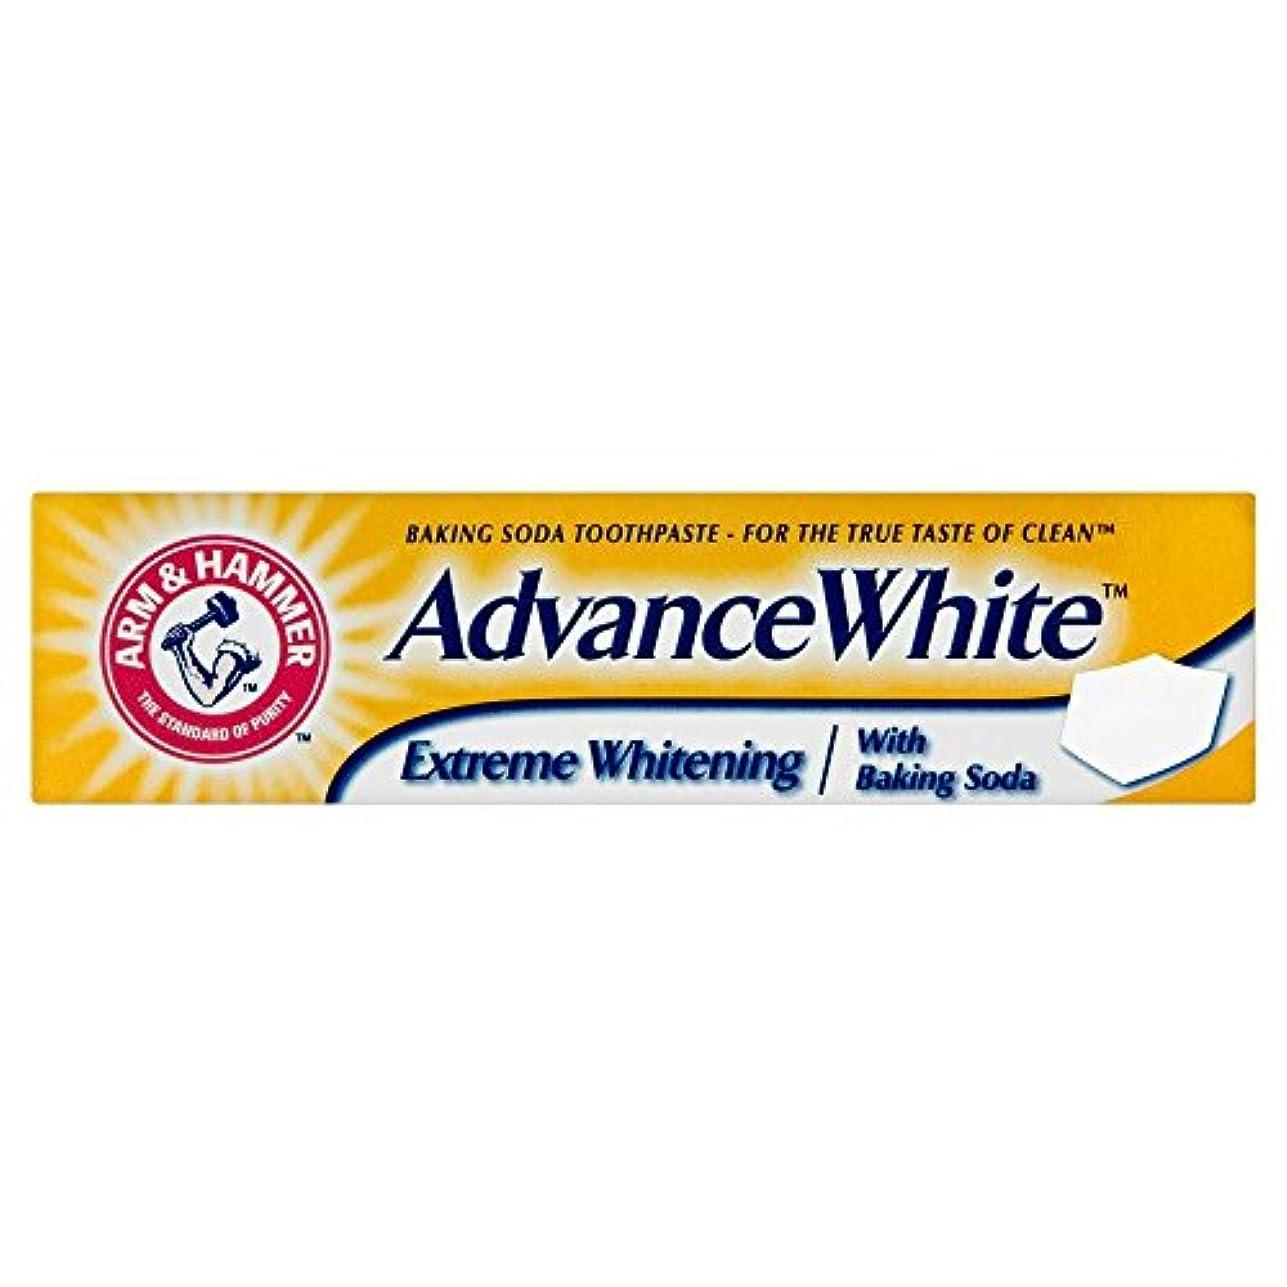 噴火公園火山学Arm & Hammer Advanced Whitening Toothpaste Tube (75ml) アームとハンマーは美白高度な歯磨き粉のチューブ( 75ミリリットル) [並行輸入品]